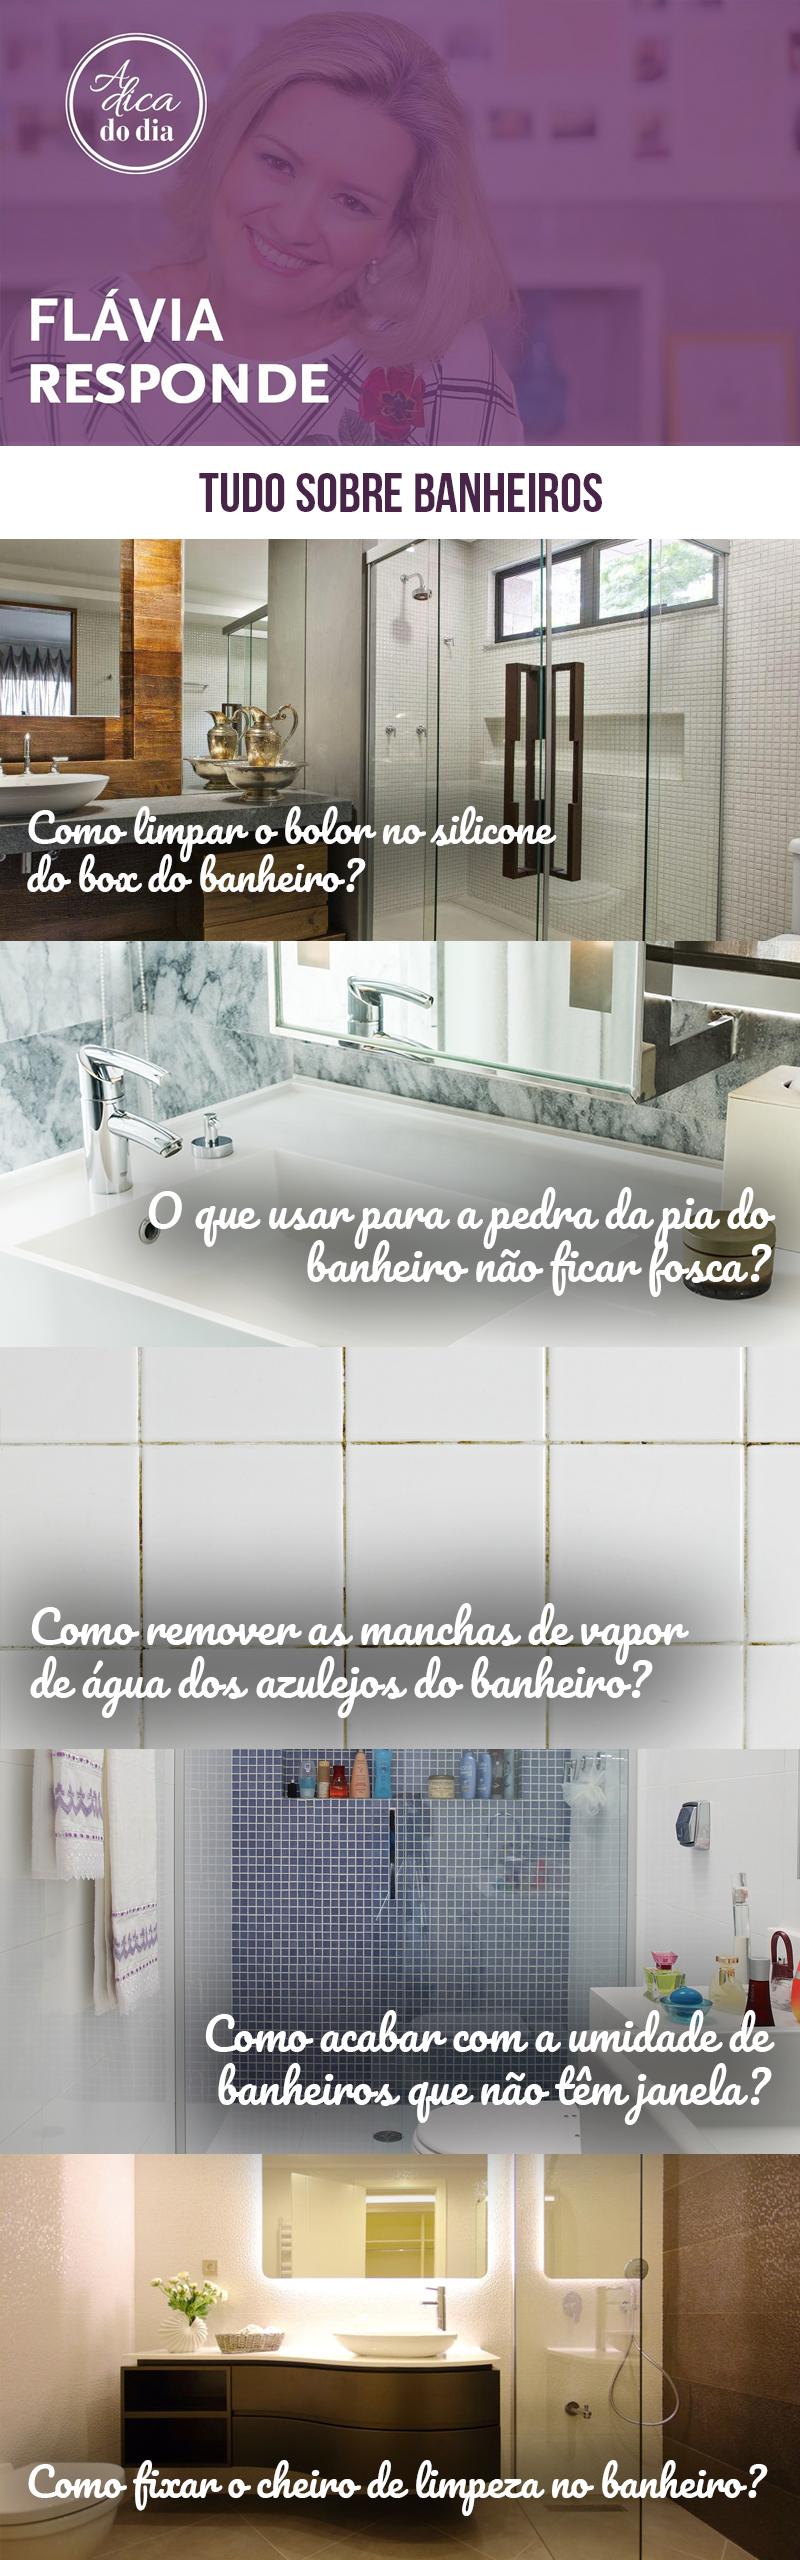 Tudo sobre limpeza do banheiro A Dica do Dia Flávia Ferrari